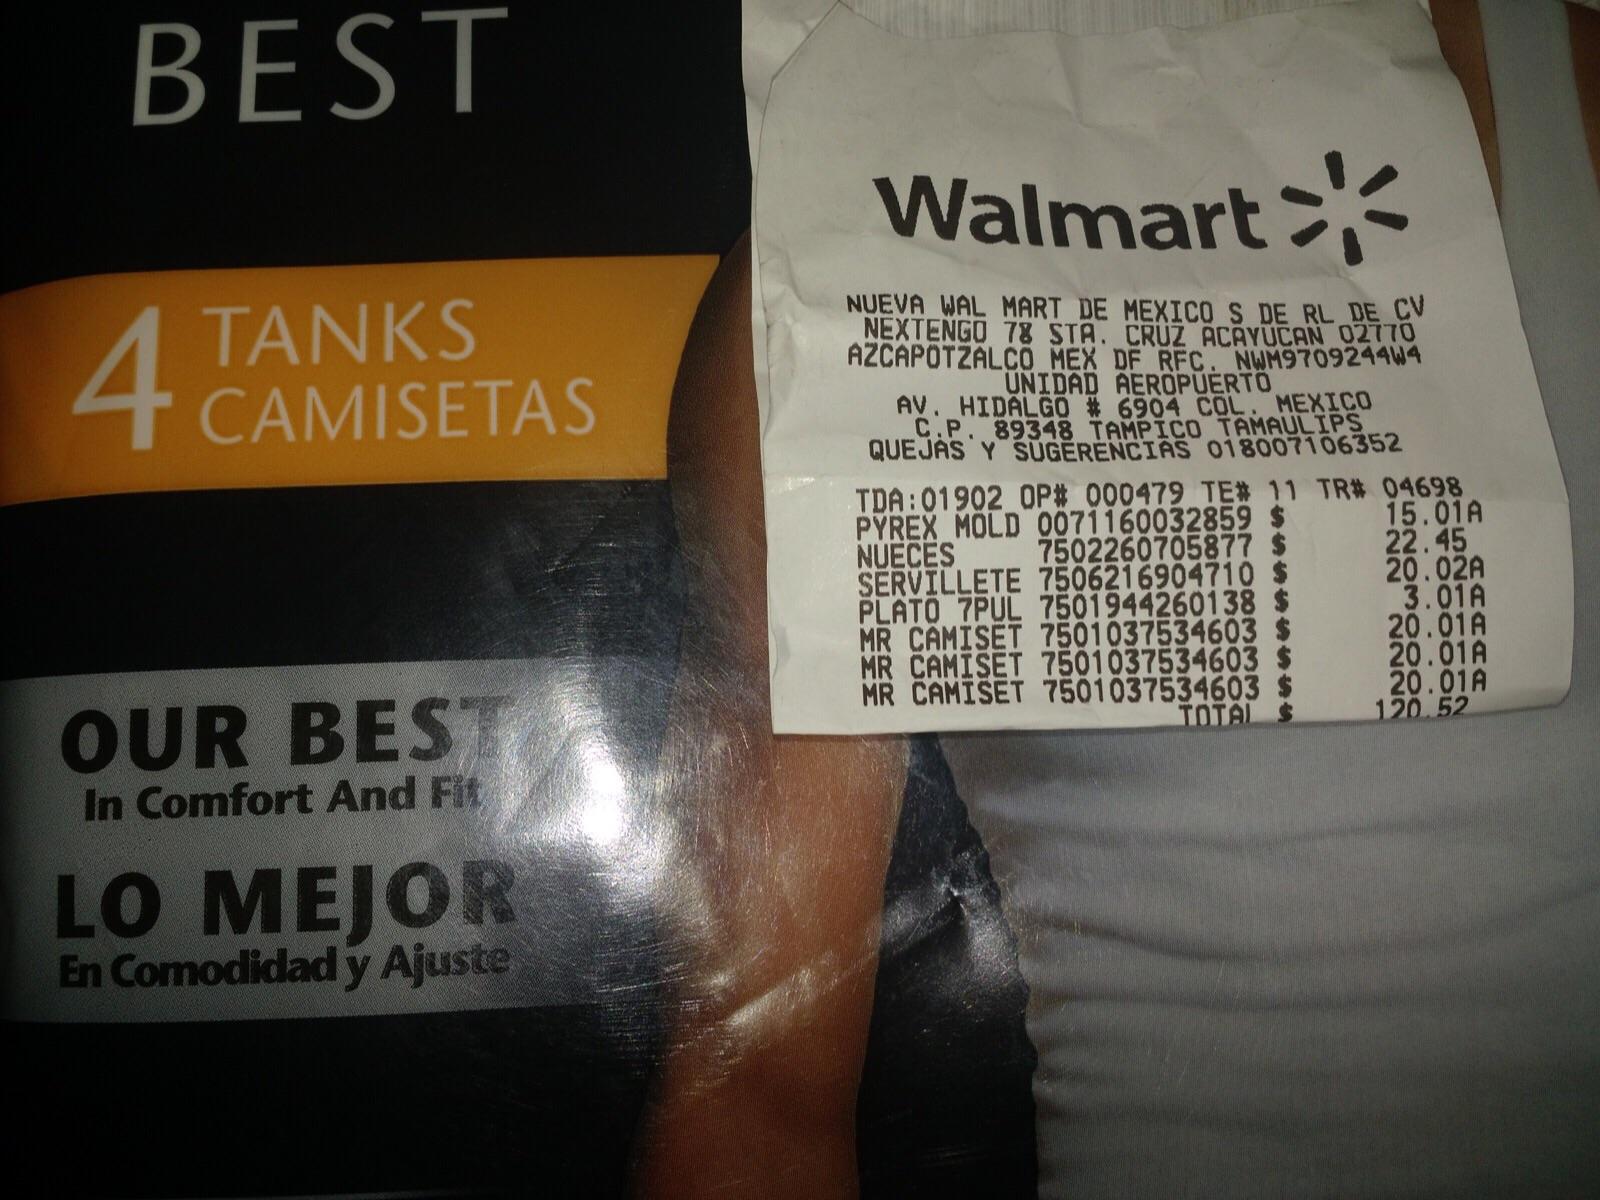 Walmart: Paquete de camisetas Hanes con 4 a $20.01